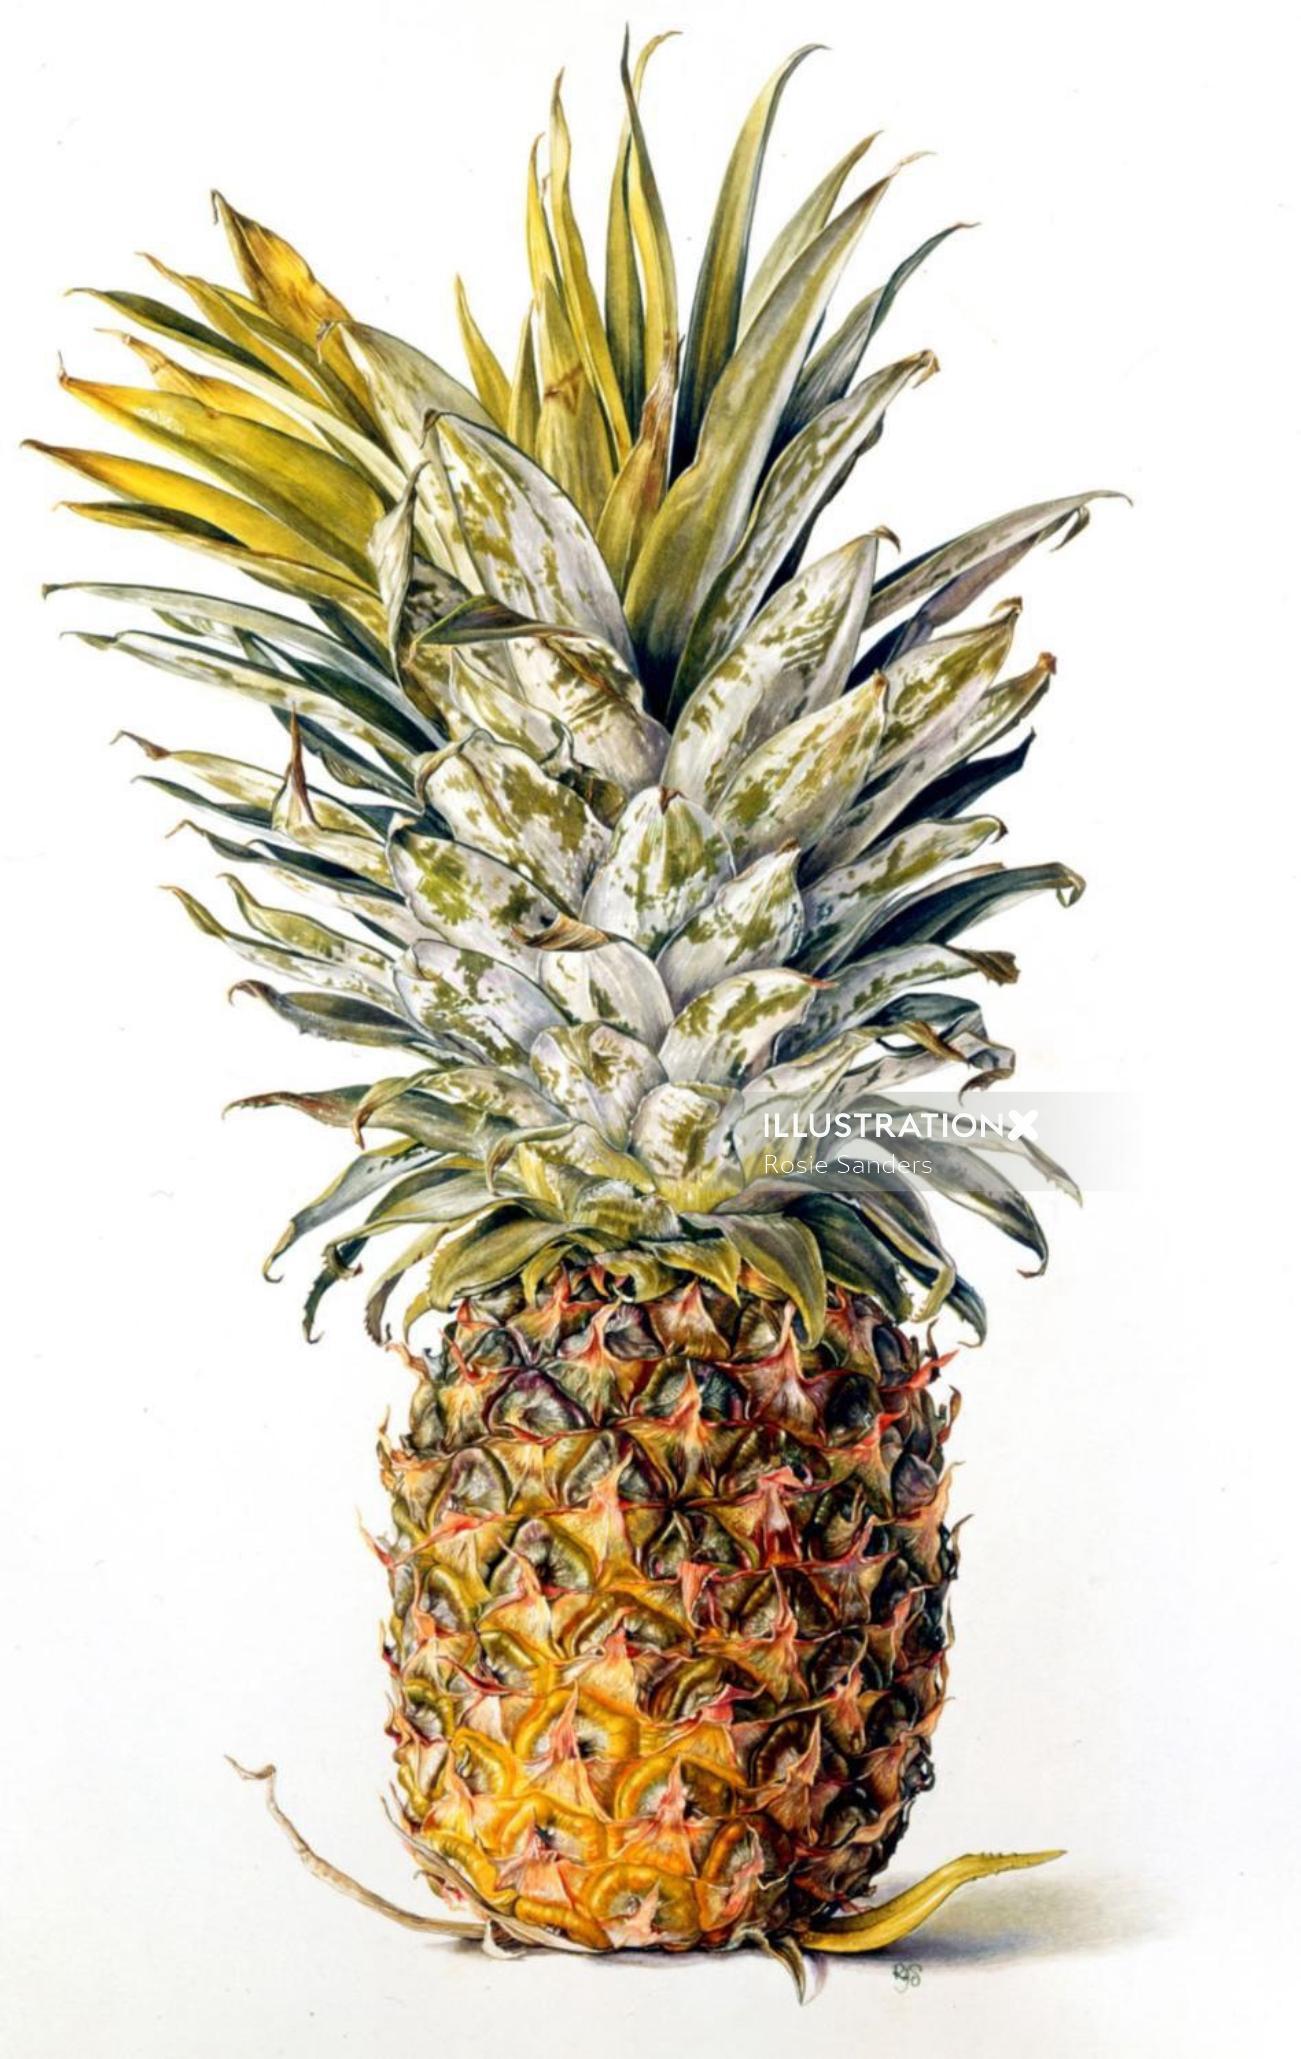 Pineapple illustration by Rosie Sanders